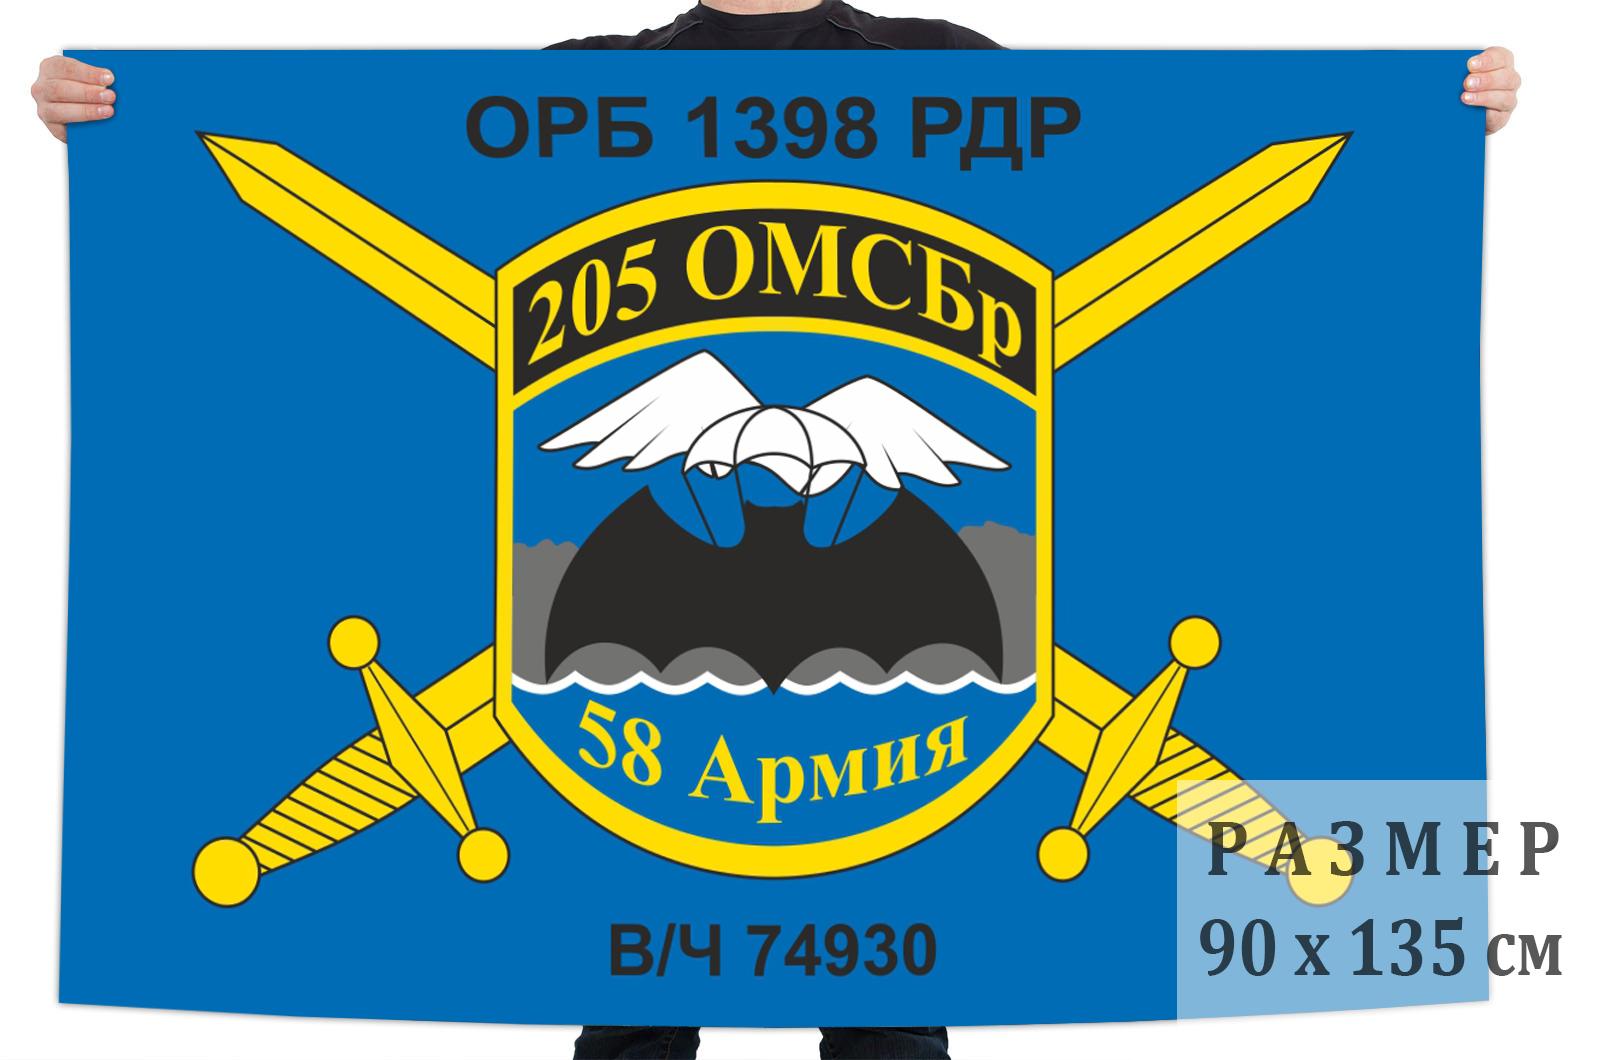 Флаг ОРБ 1398 РБР 205 ОМСБр 58 Армии